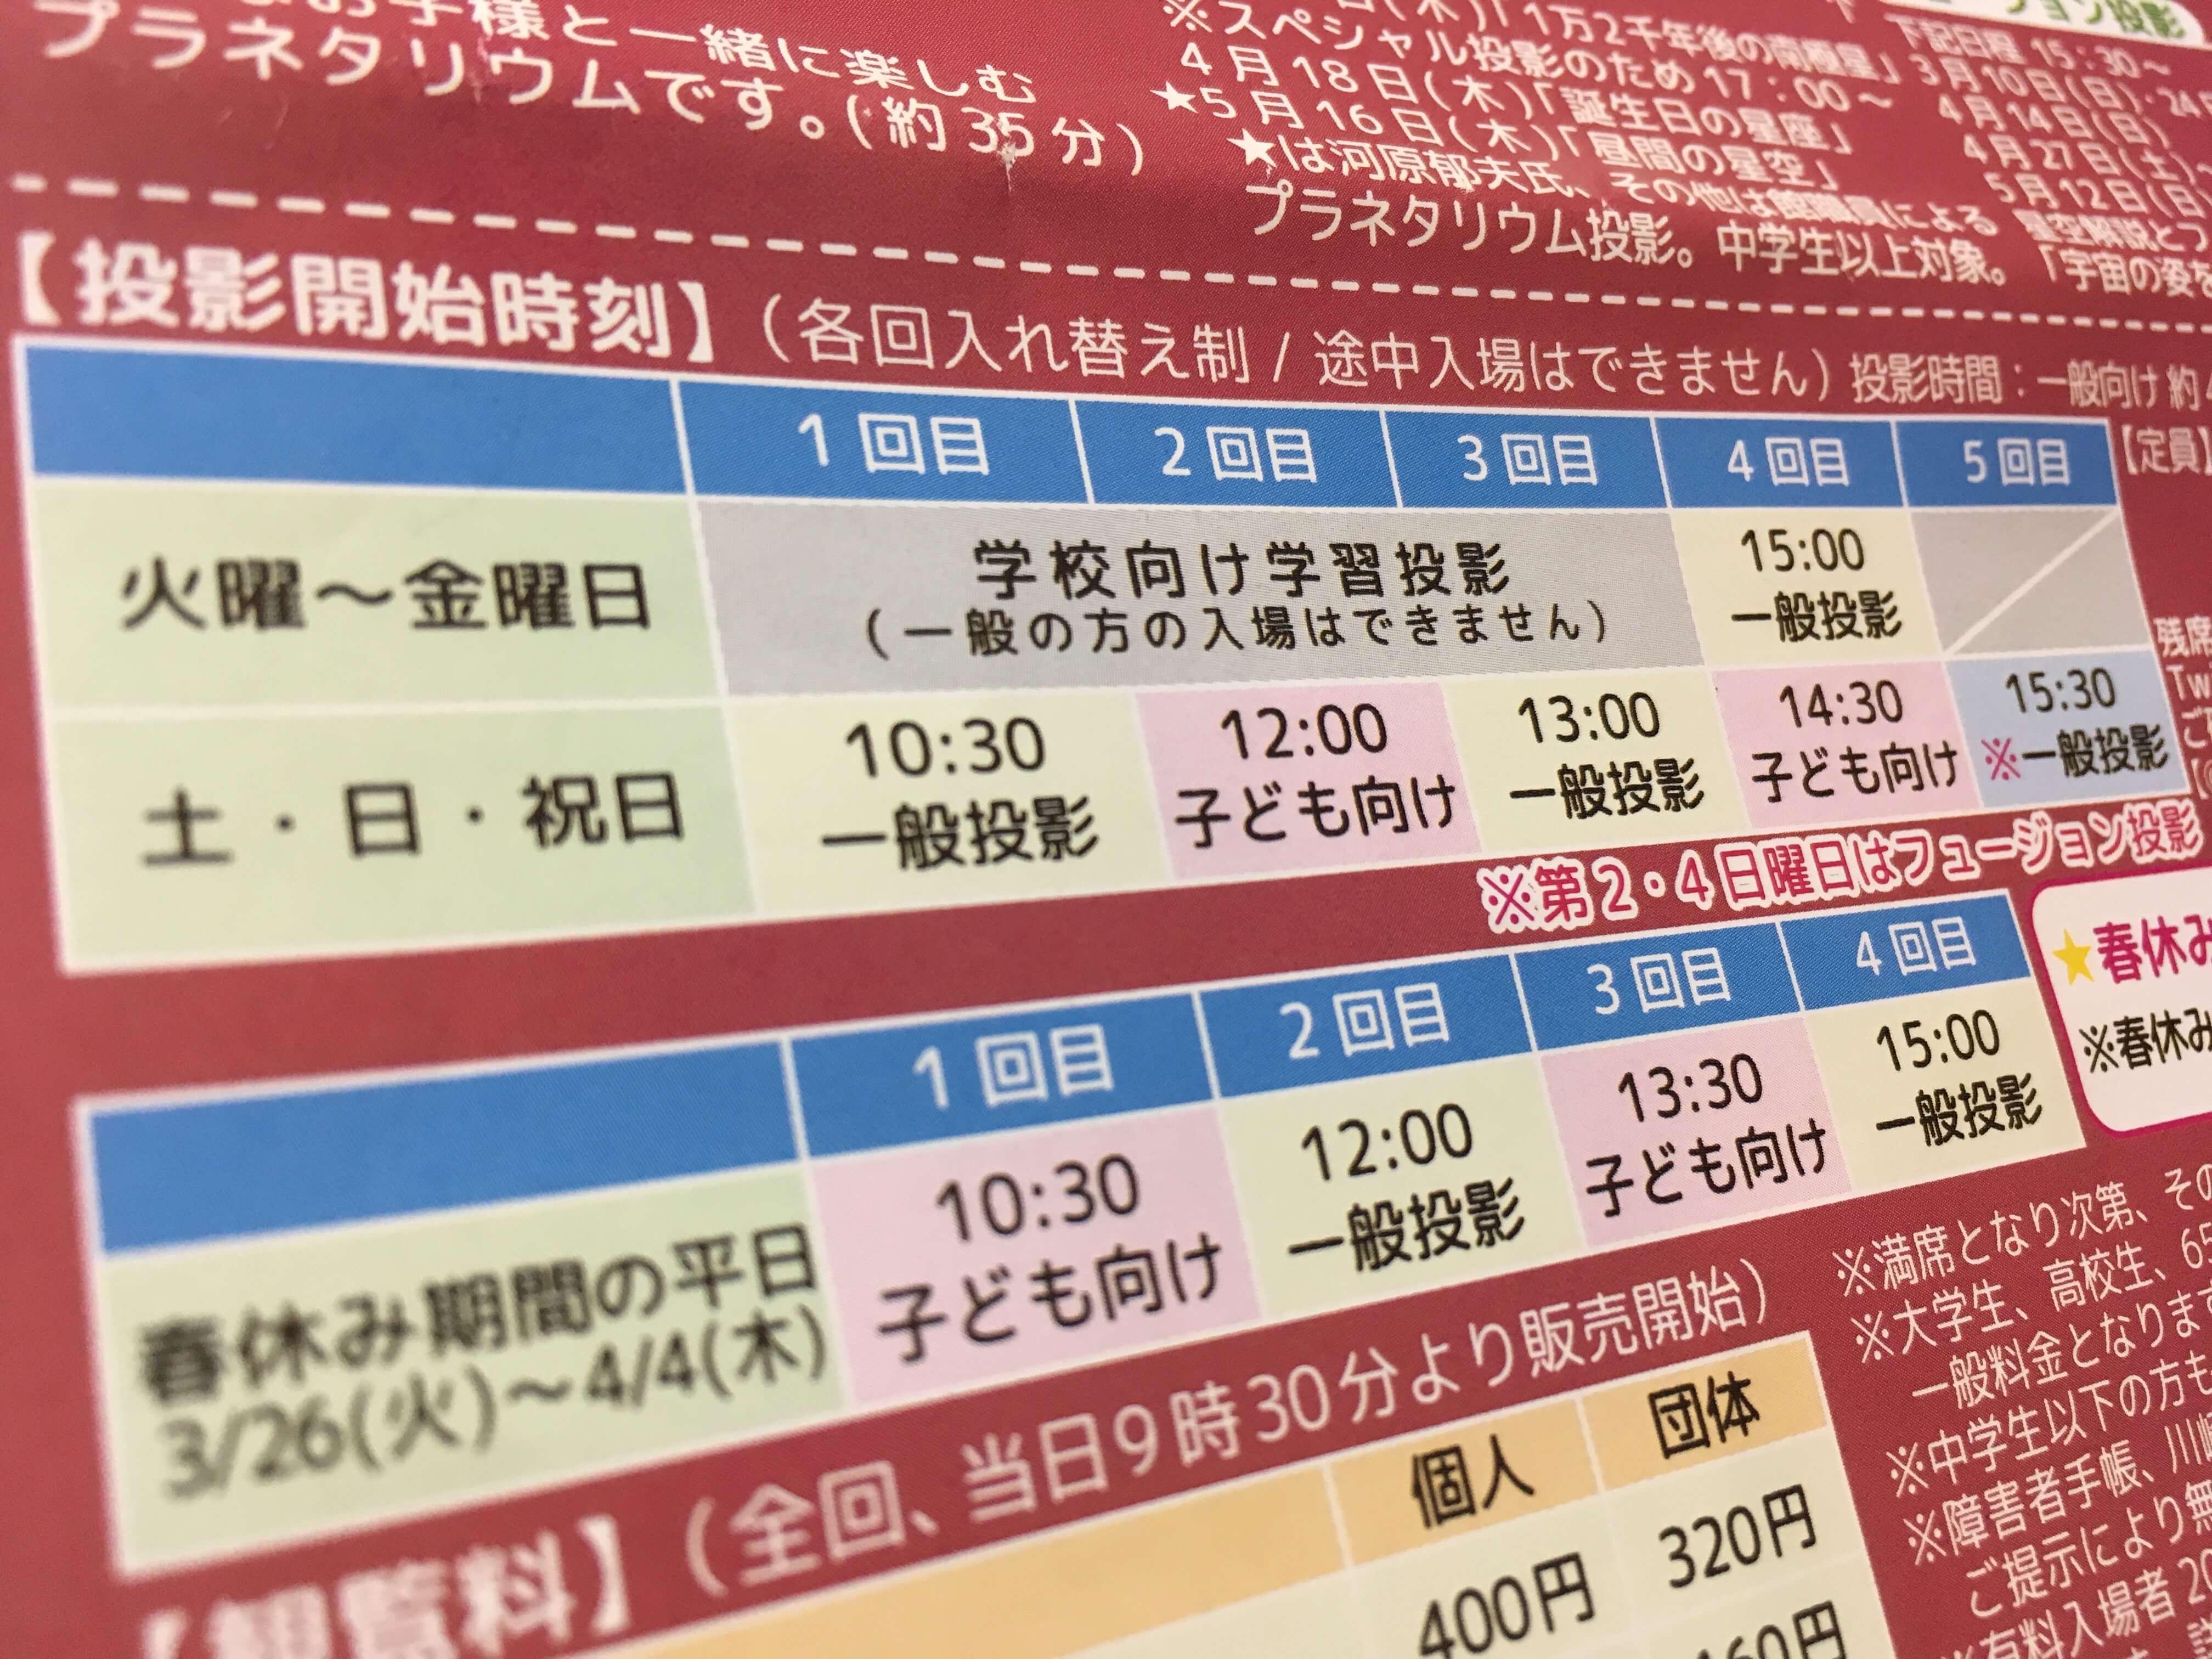 生田緑地 プラネタリウム 番組